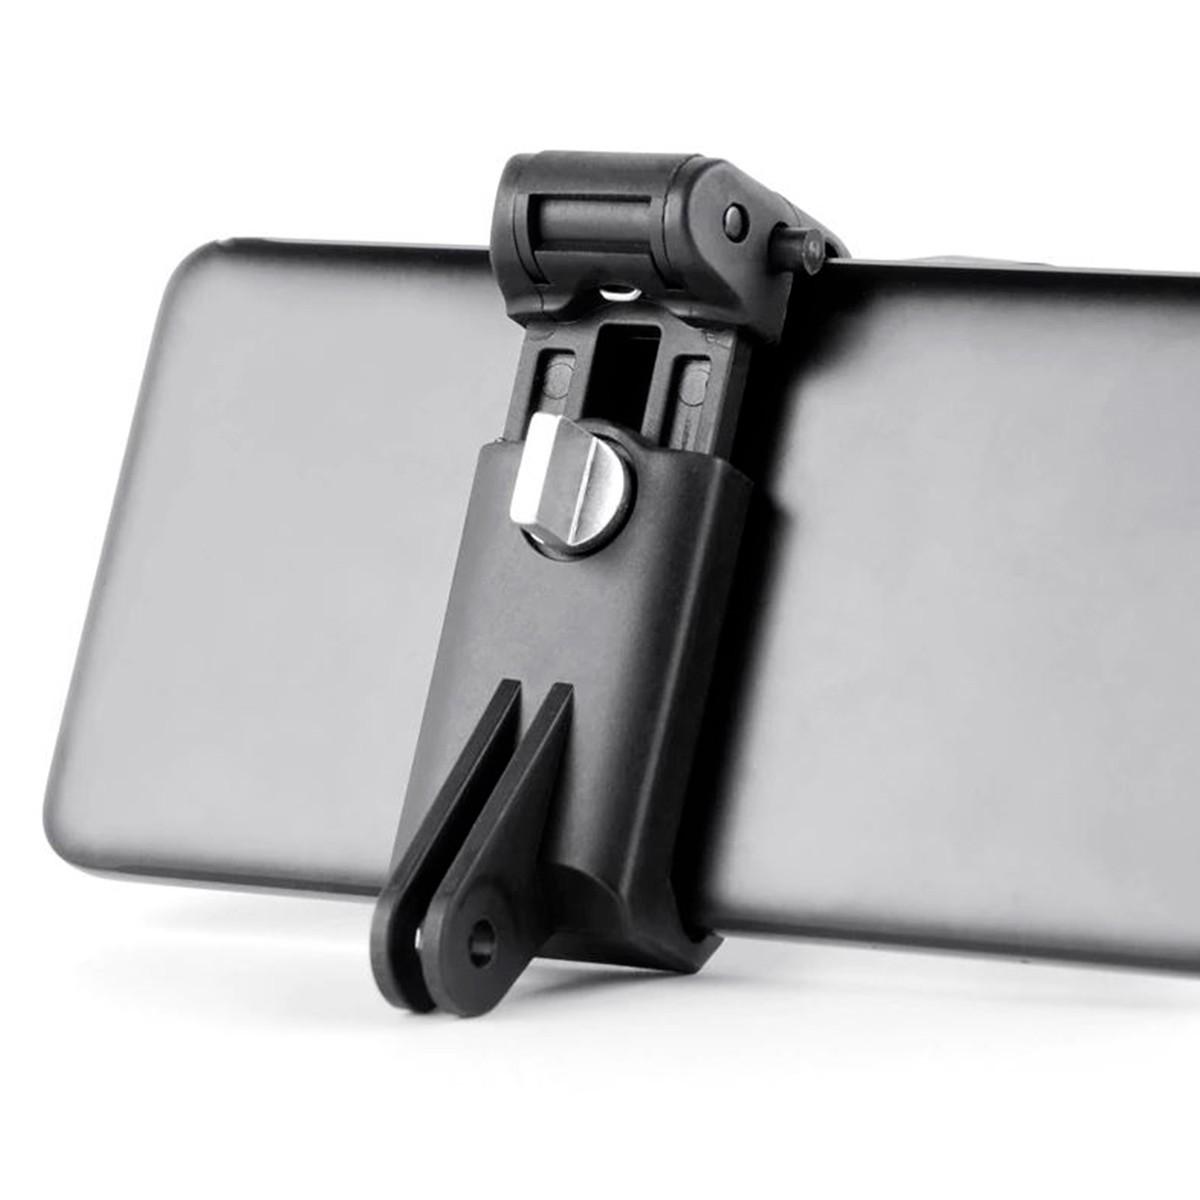 Suporte Celular e Smartphone para Pau de Selfie